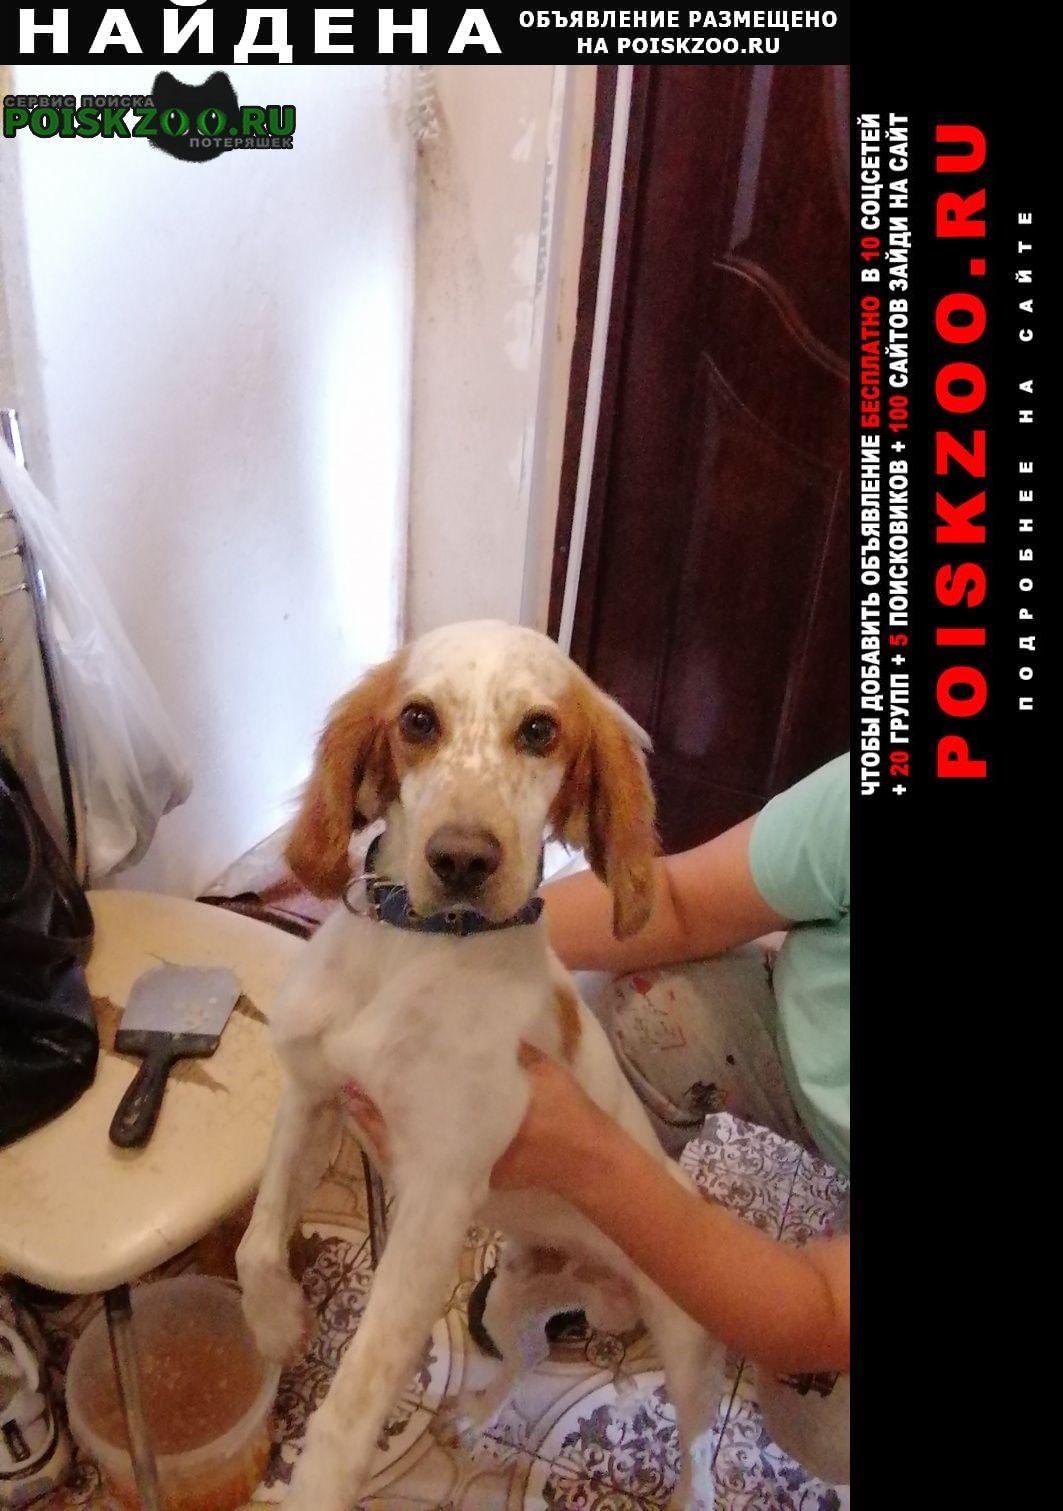 Найдена собака кобель спаниель Тольятти